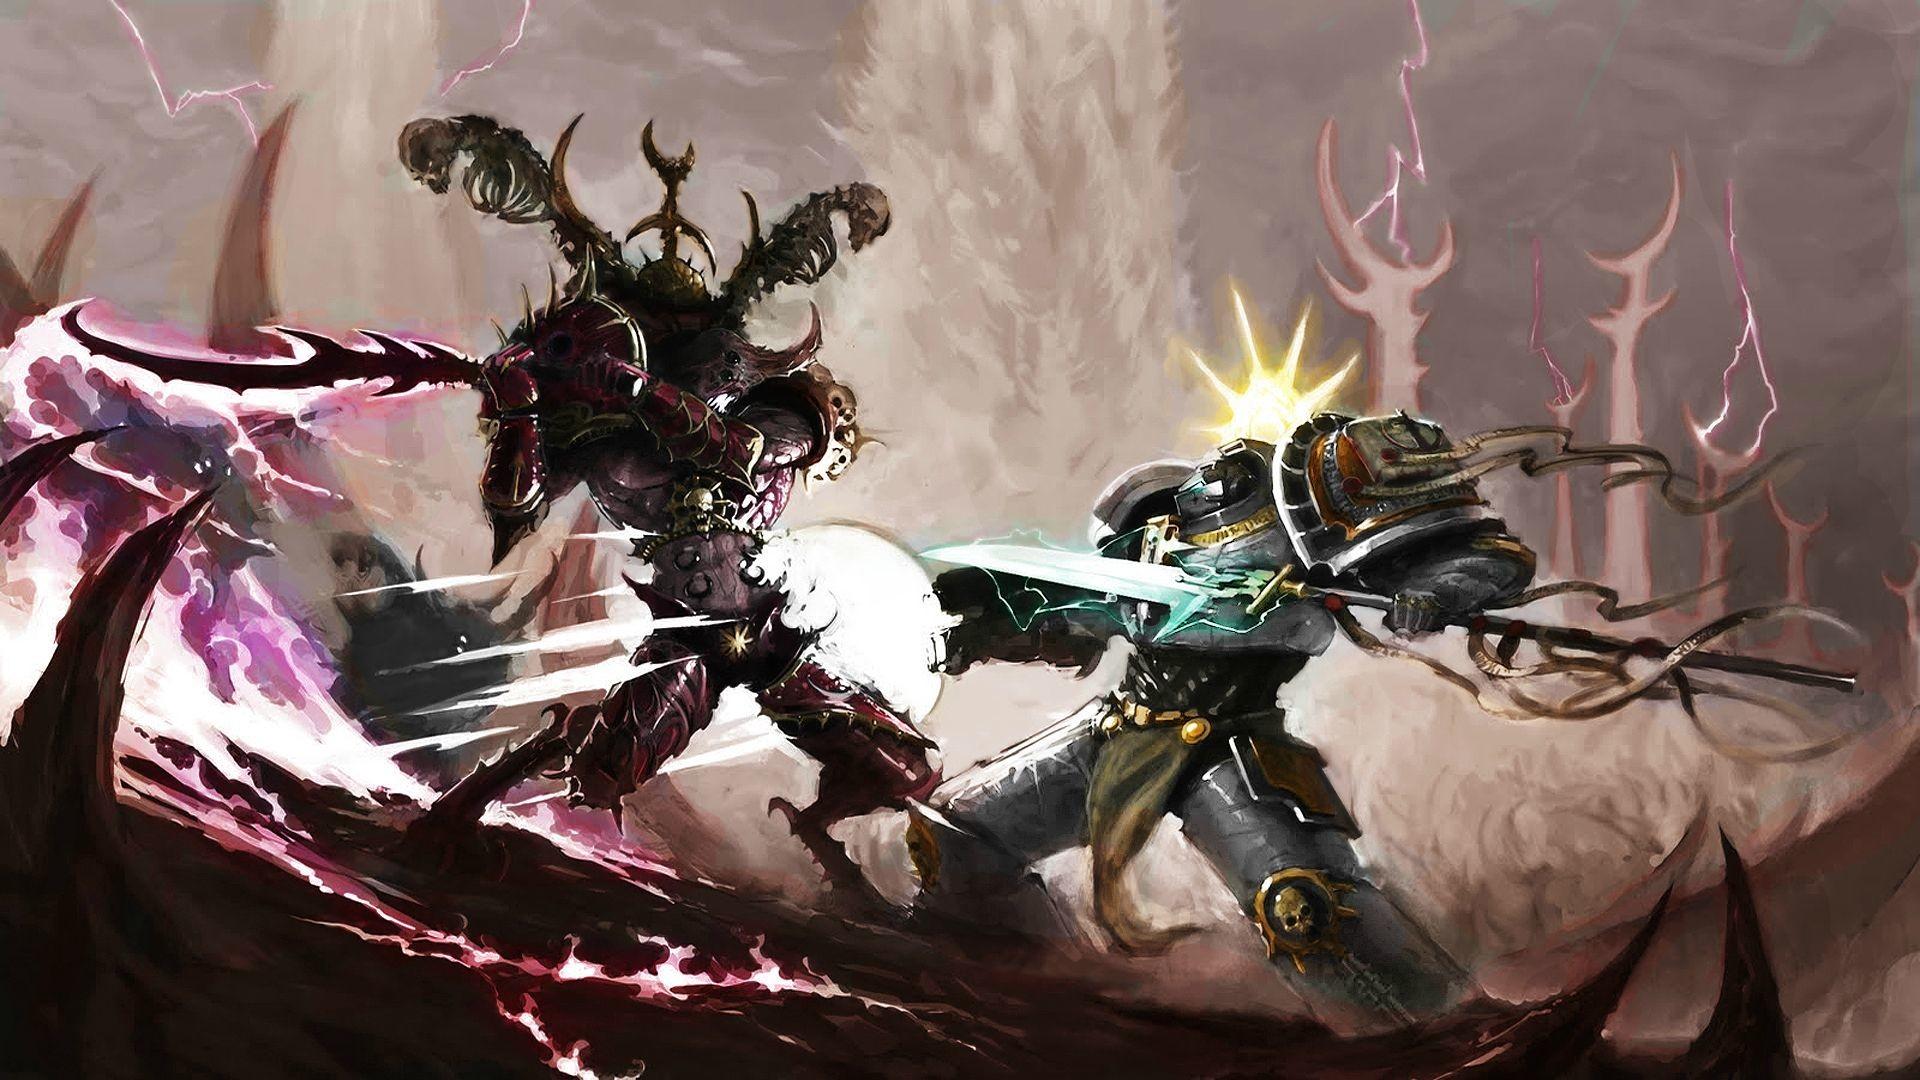 Warhammer-40K-Dark-Eldar-Background-Wallpaper-HD-Resolution.